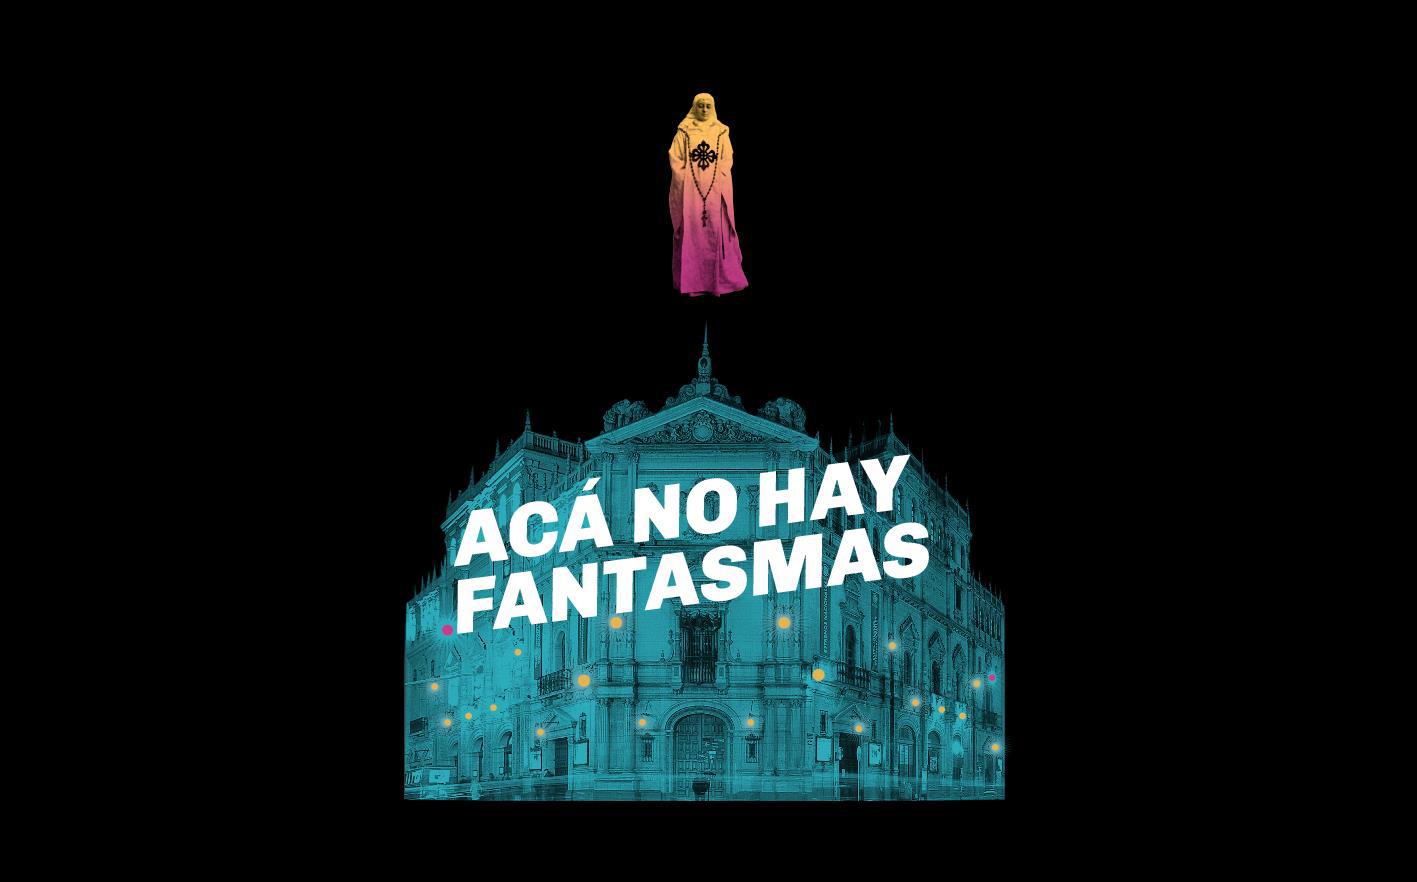 ACÁ NO HAY FANTASMAS